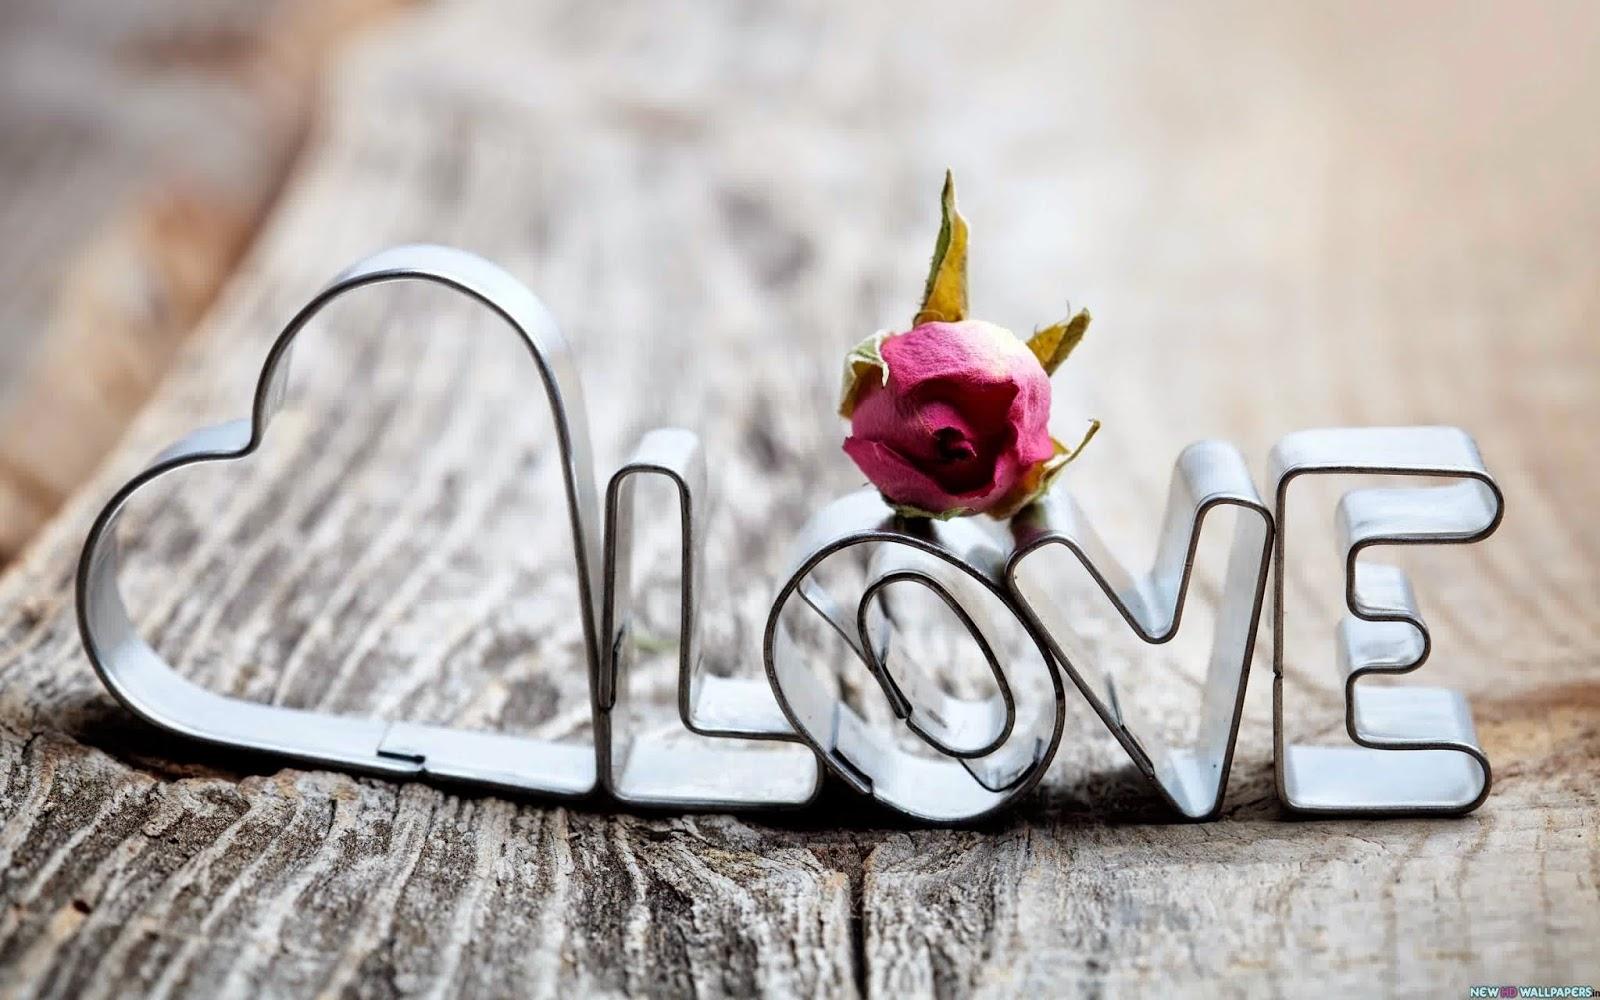 بالصور صورعن الحب , اروع صور عن الحب 2019 3252 11